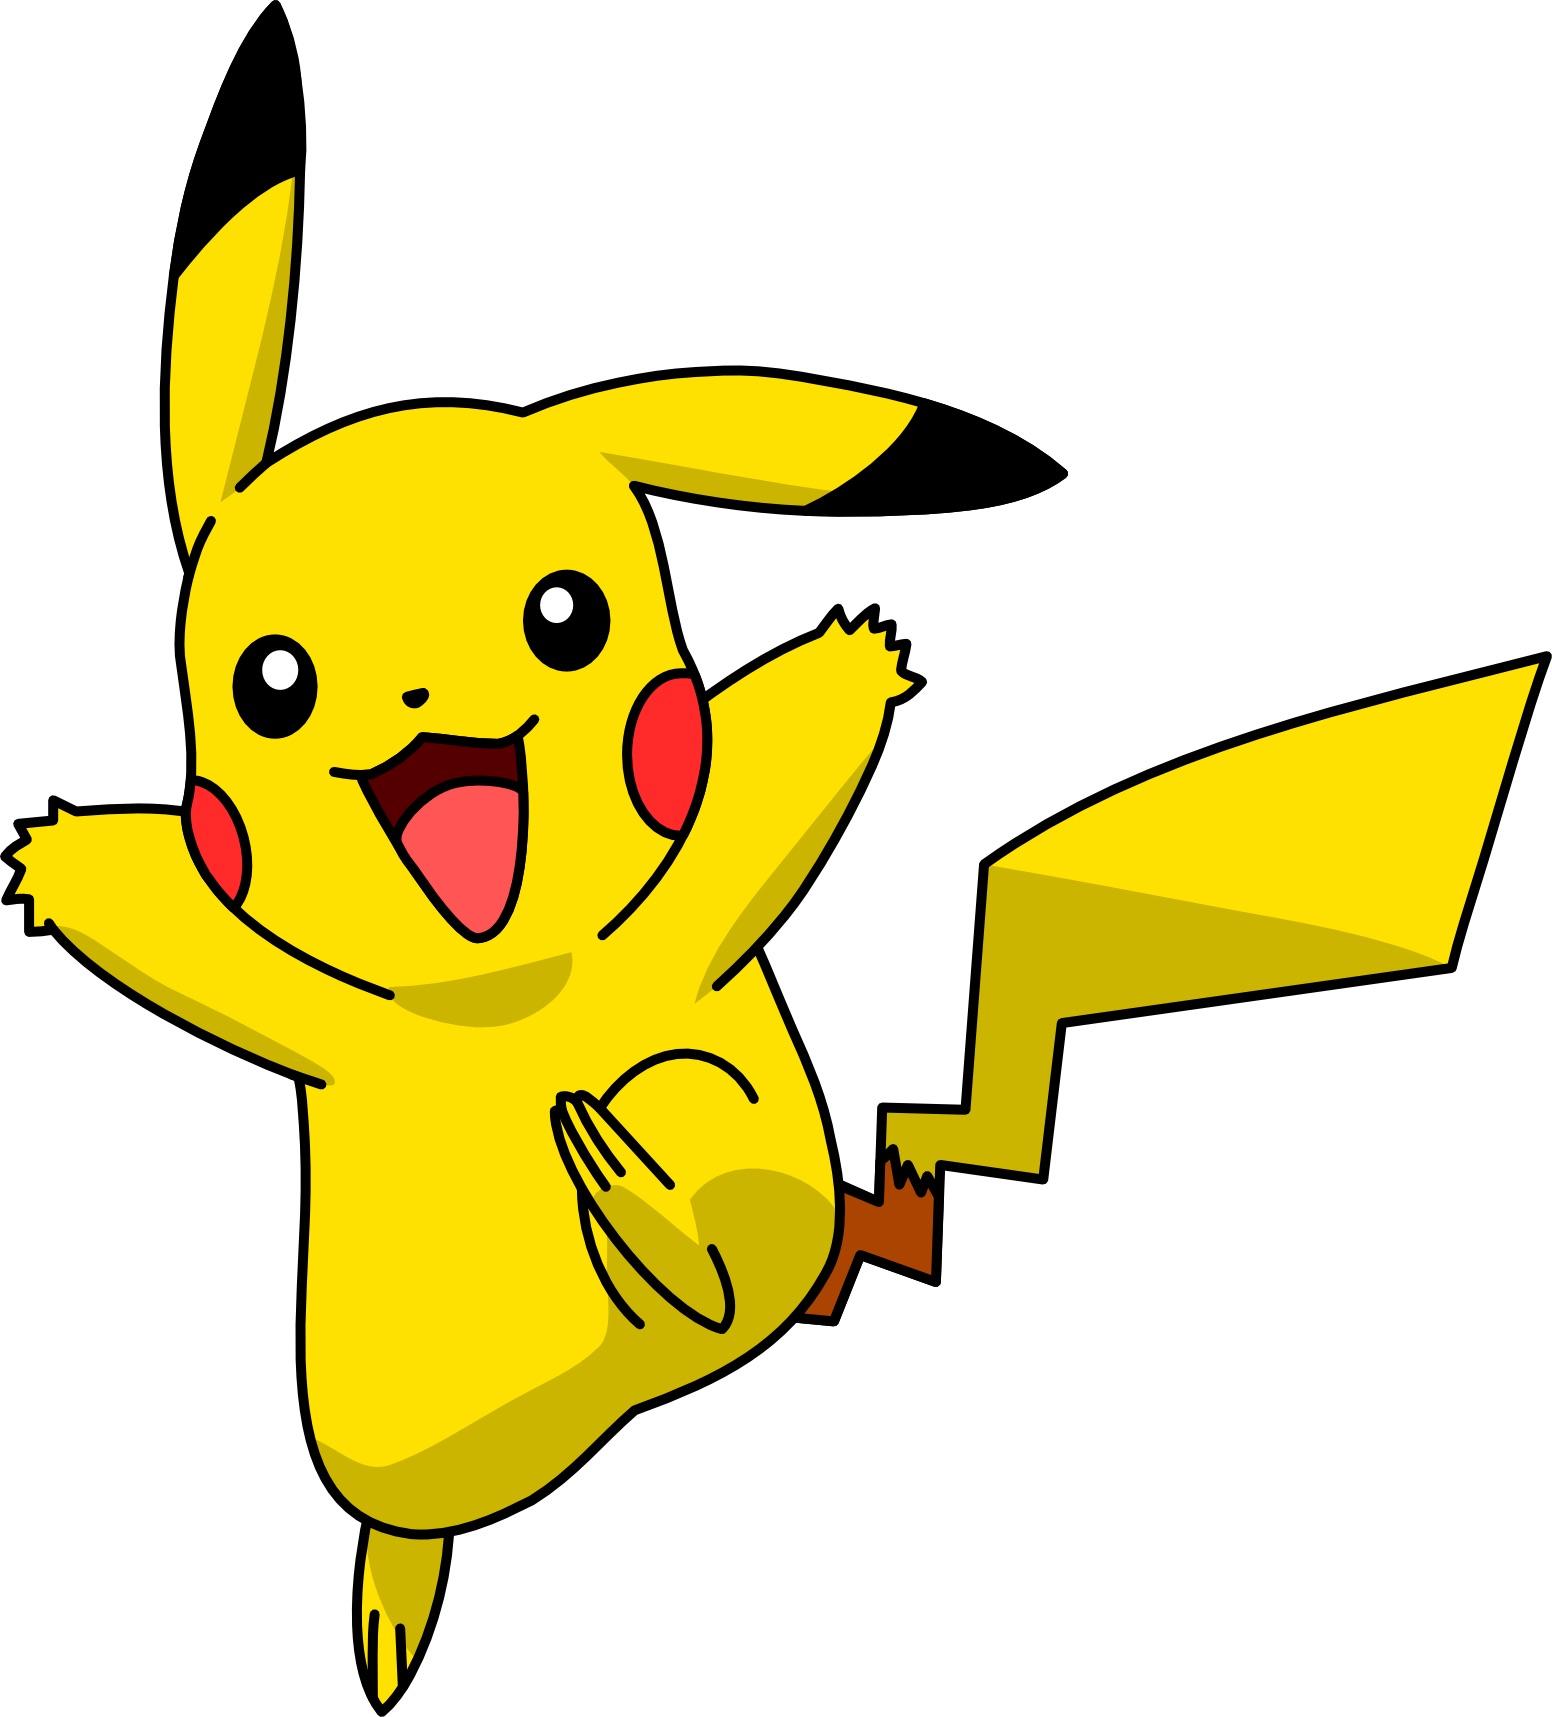 Pikachu | Mighty355 Wikia | Fandom powered by Wikia